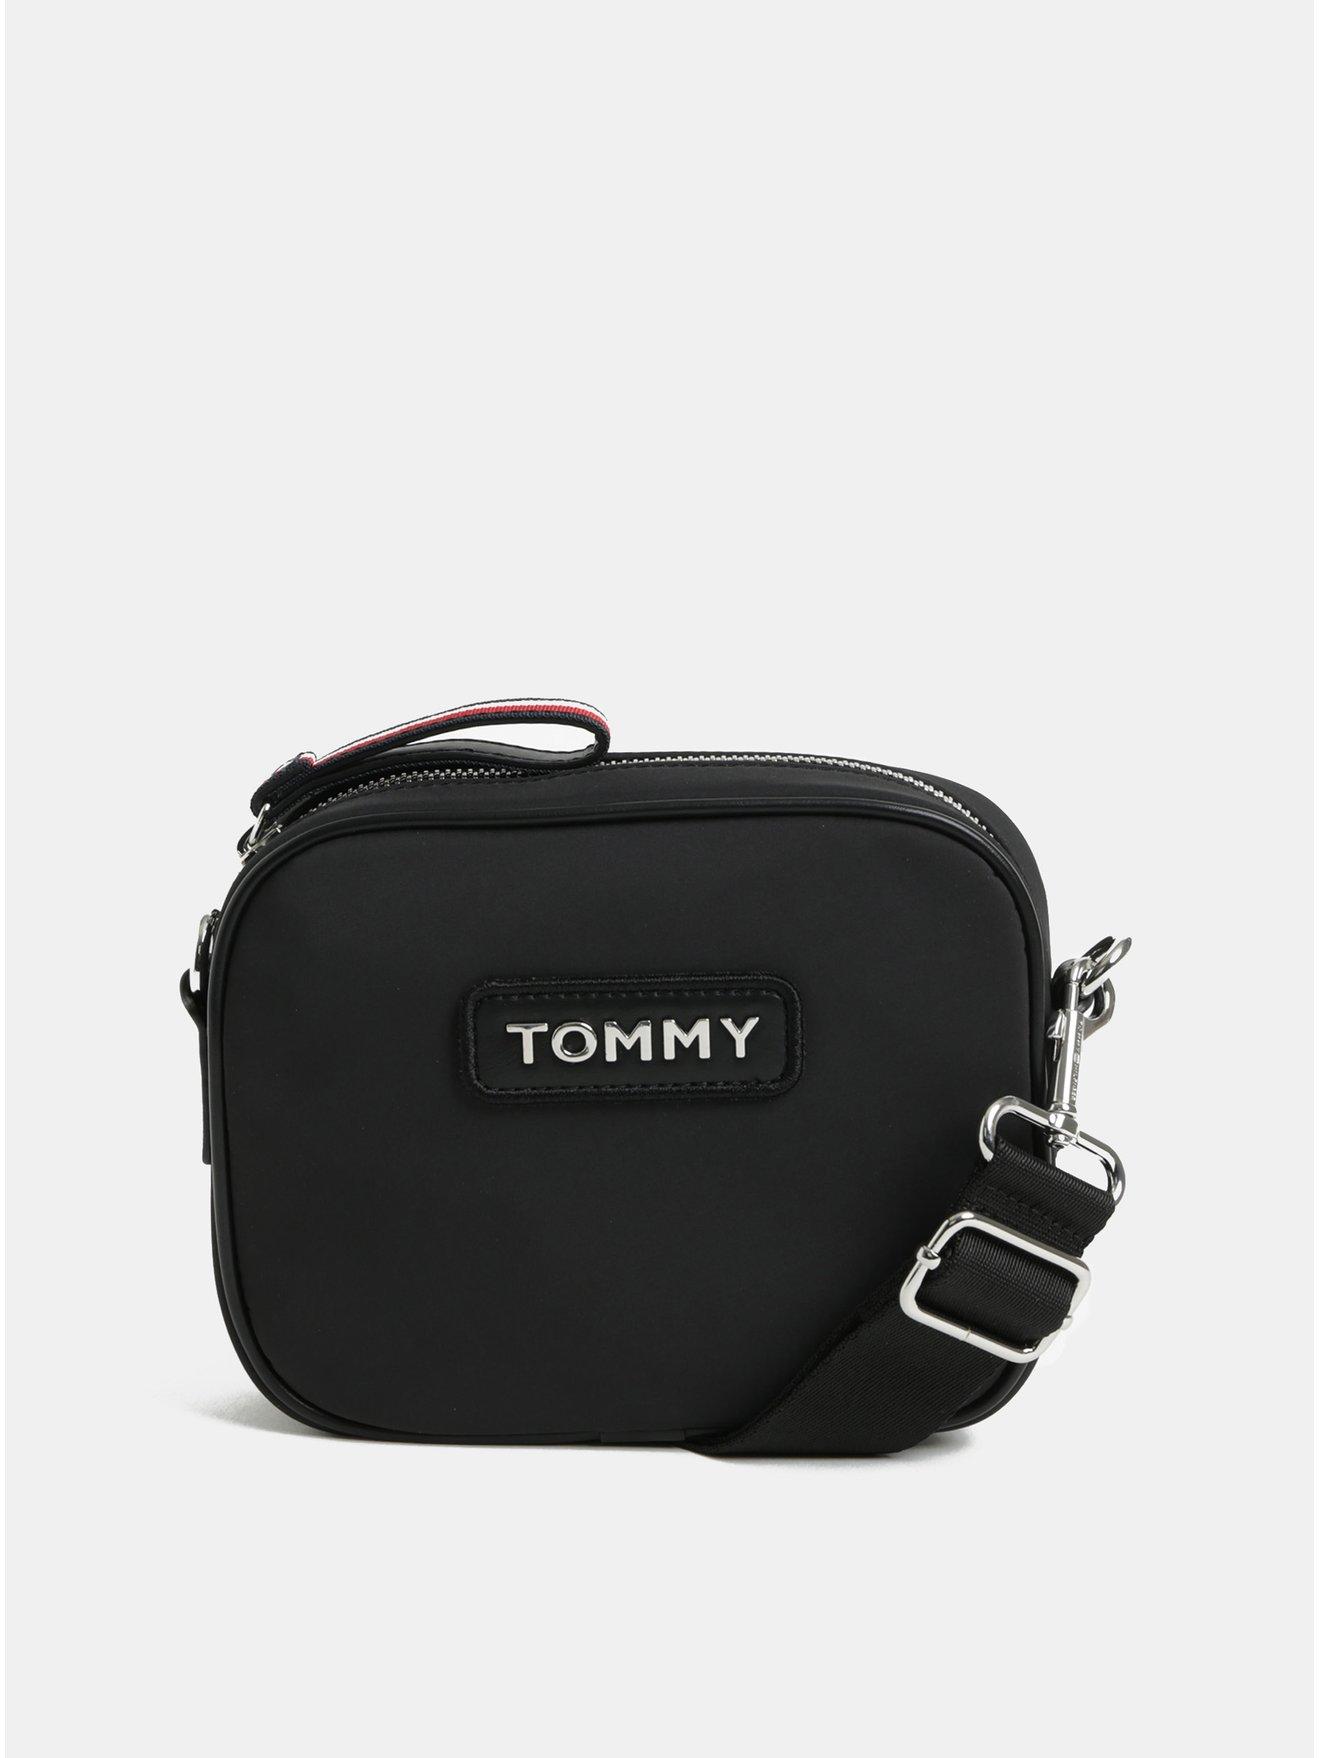 Černá crossbody kabelka Tommy Hilfiger 08410b6b5d0